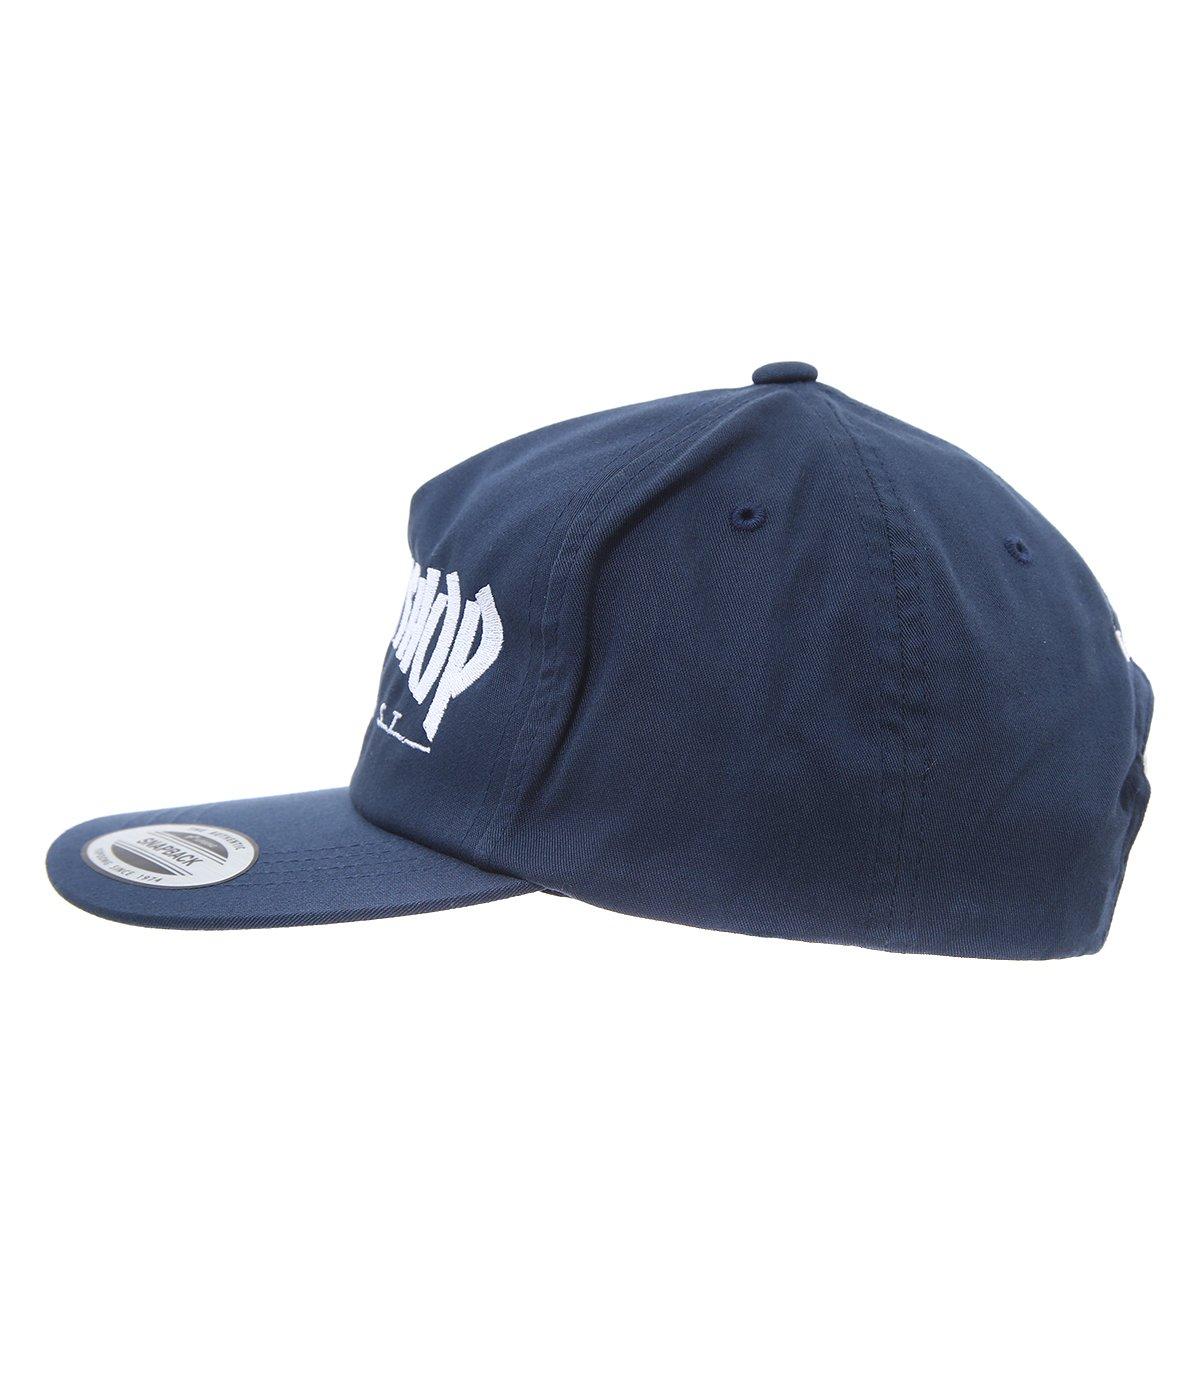 THE 1st SHOP SNAPBACK CAP